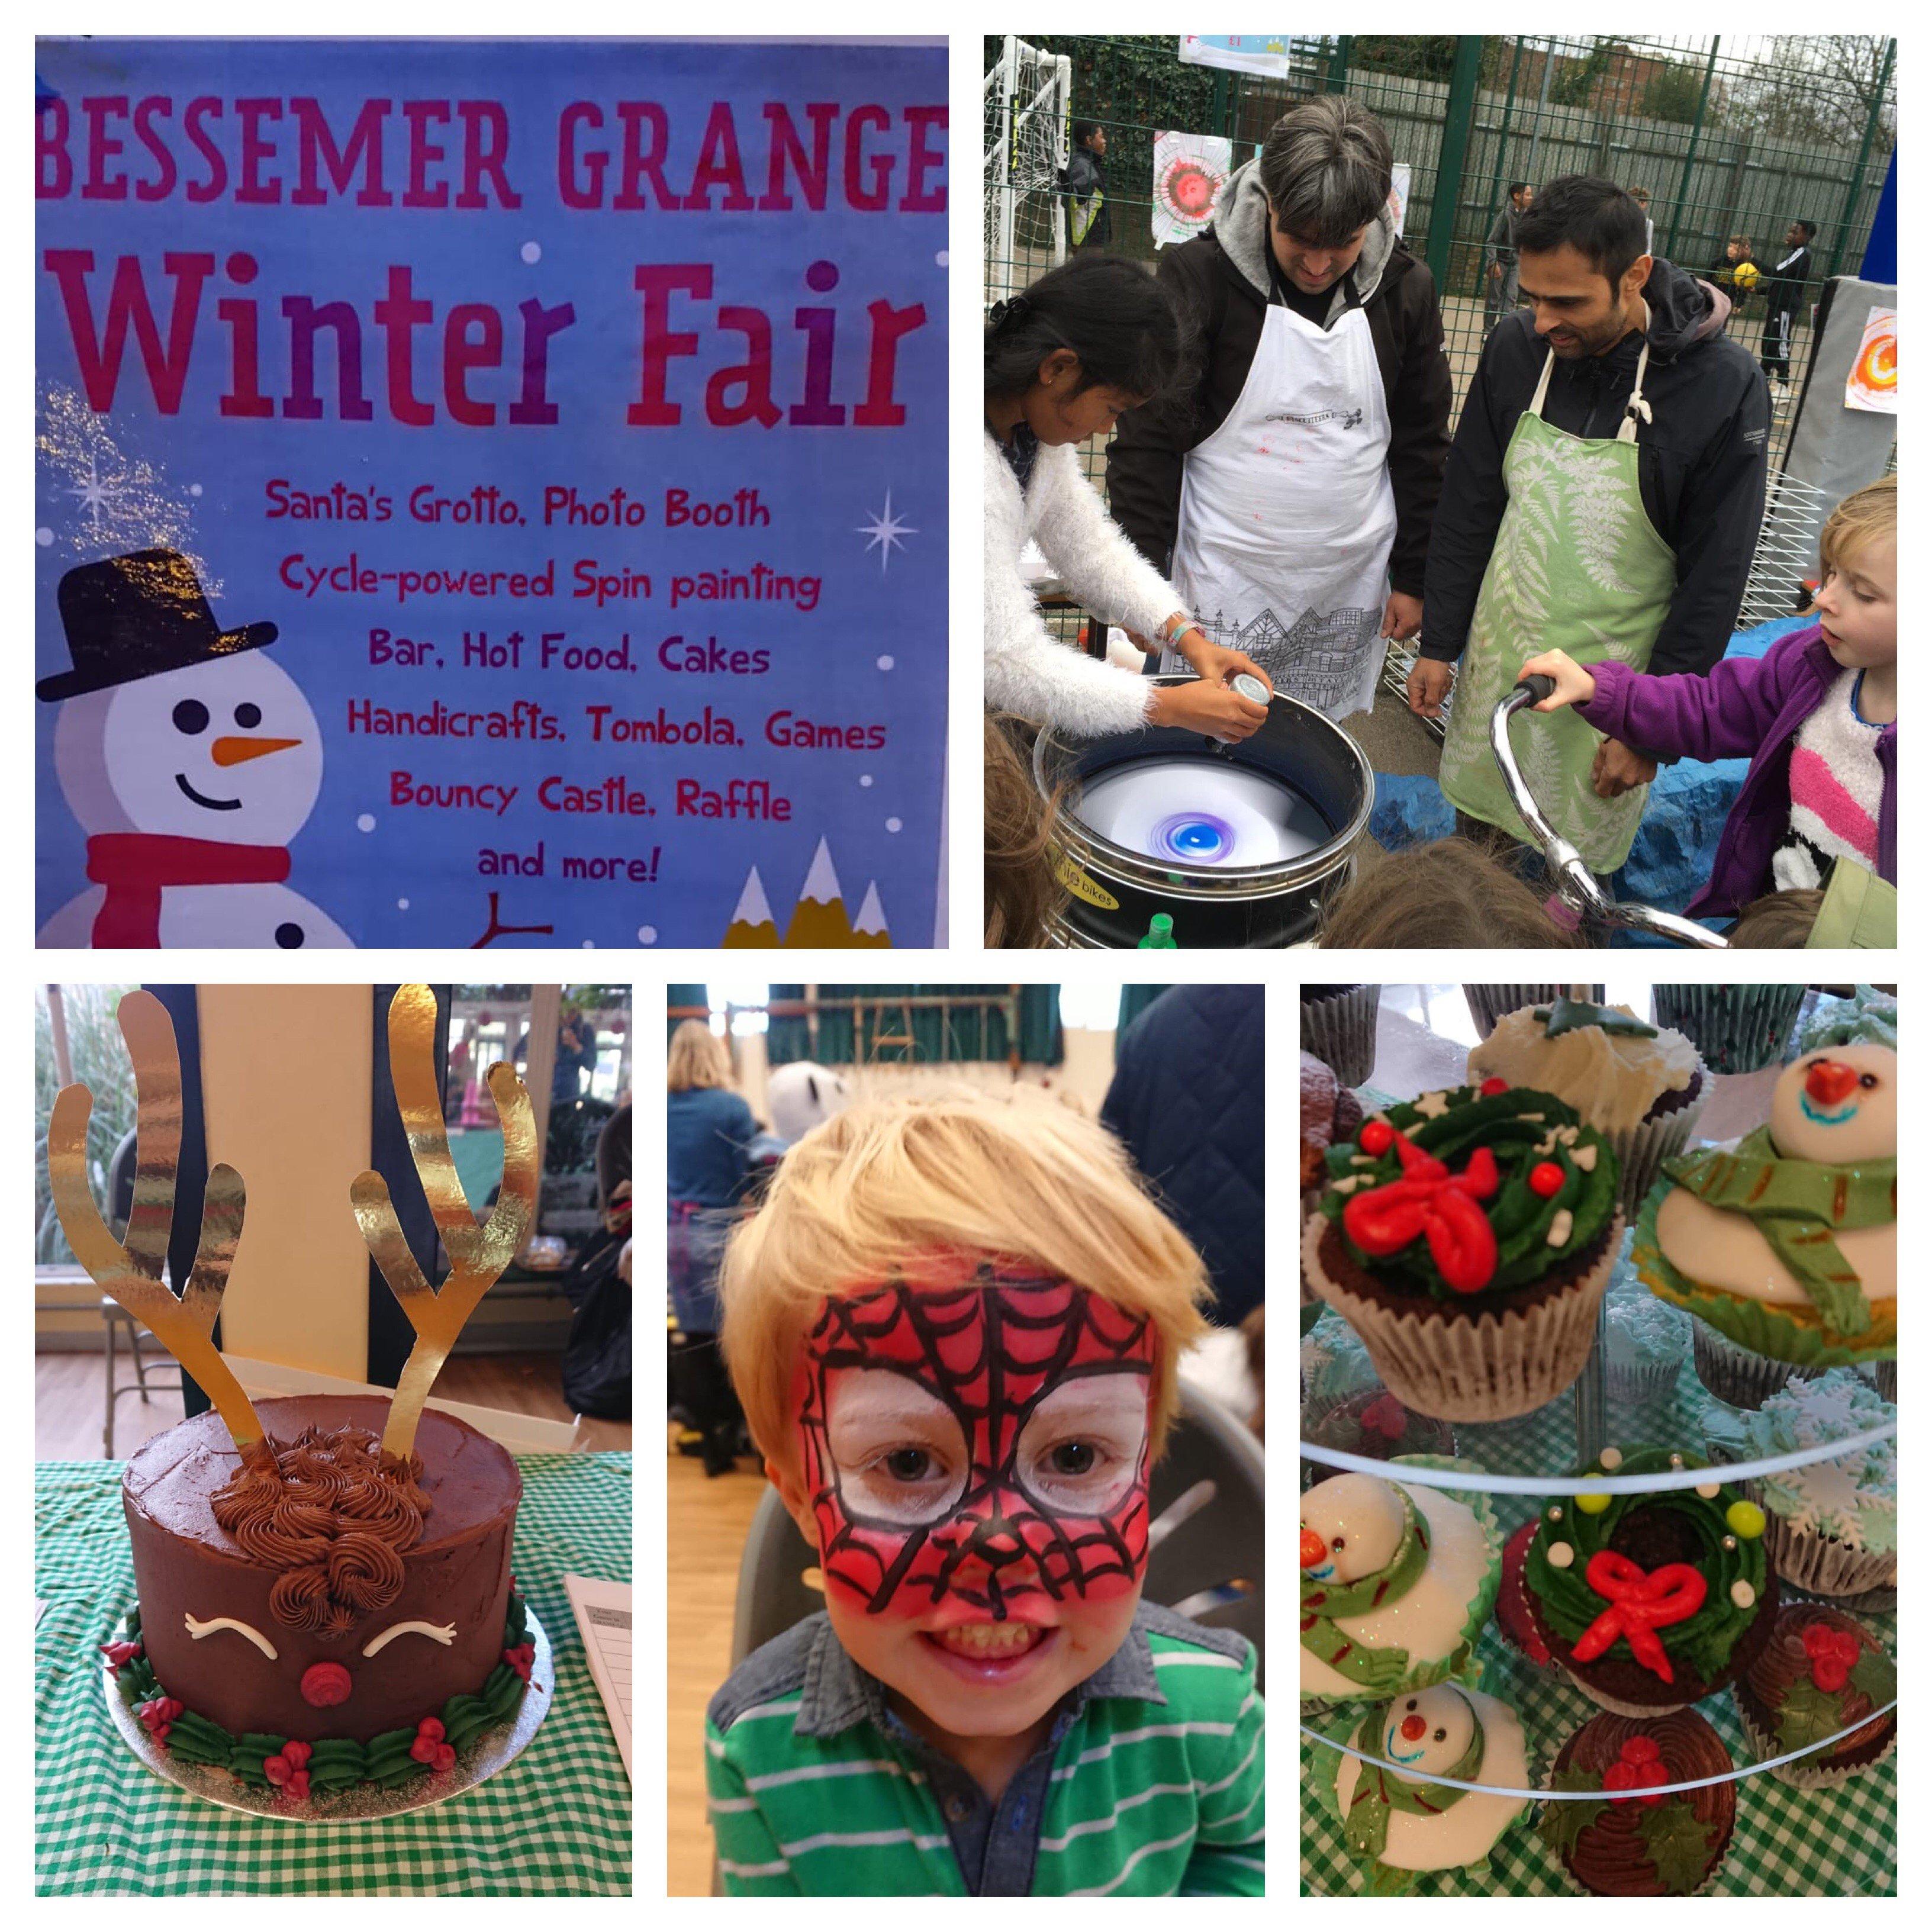 Winter fair highlights